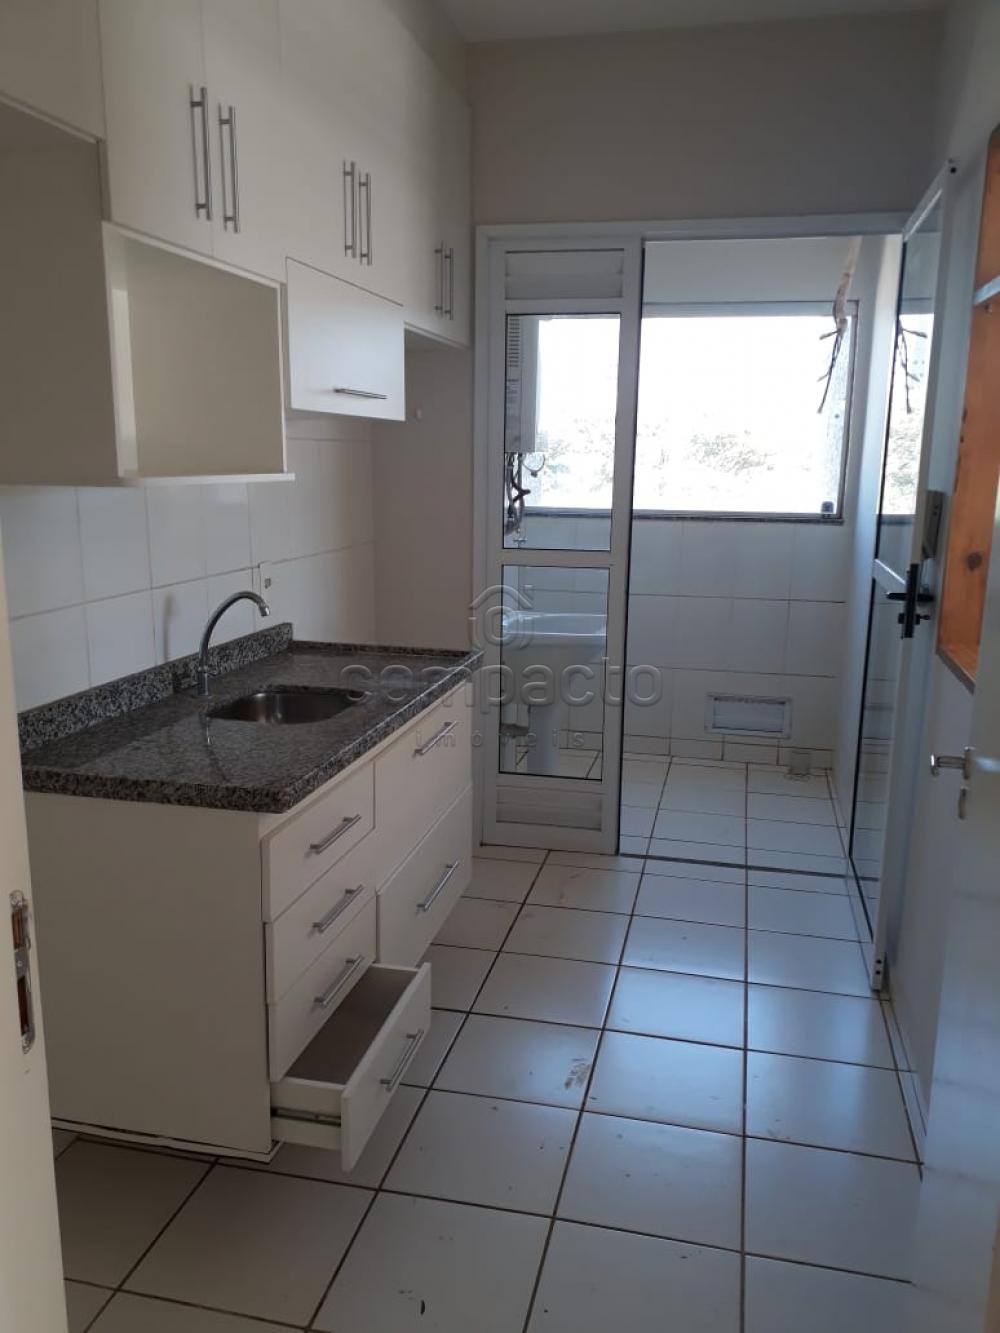 Alugar Apartamento / Padrão em São José do Rio Preto apenas R$ 1.400,00 - Foto 6